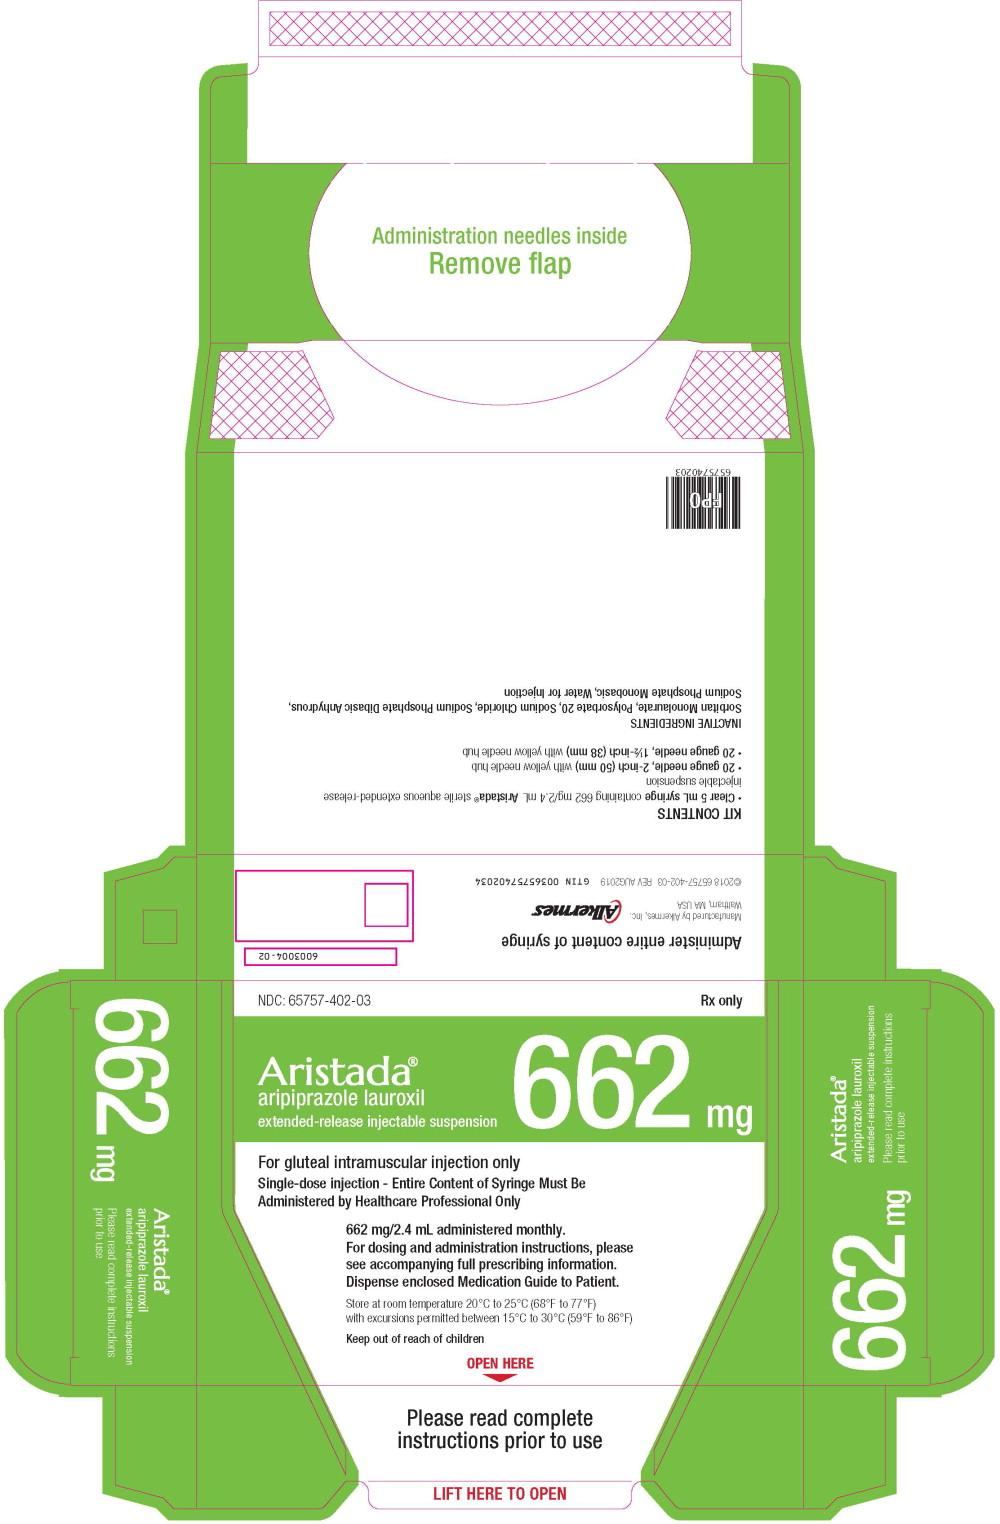 Principal Display Panel - 662 mg/2.4 mL Carton Label